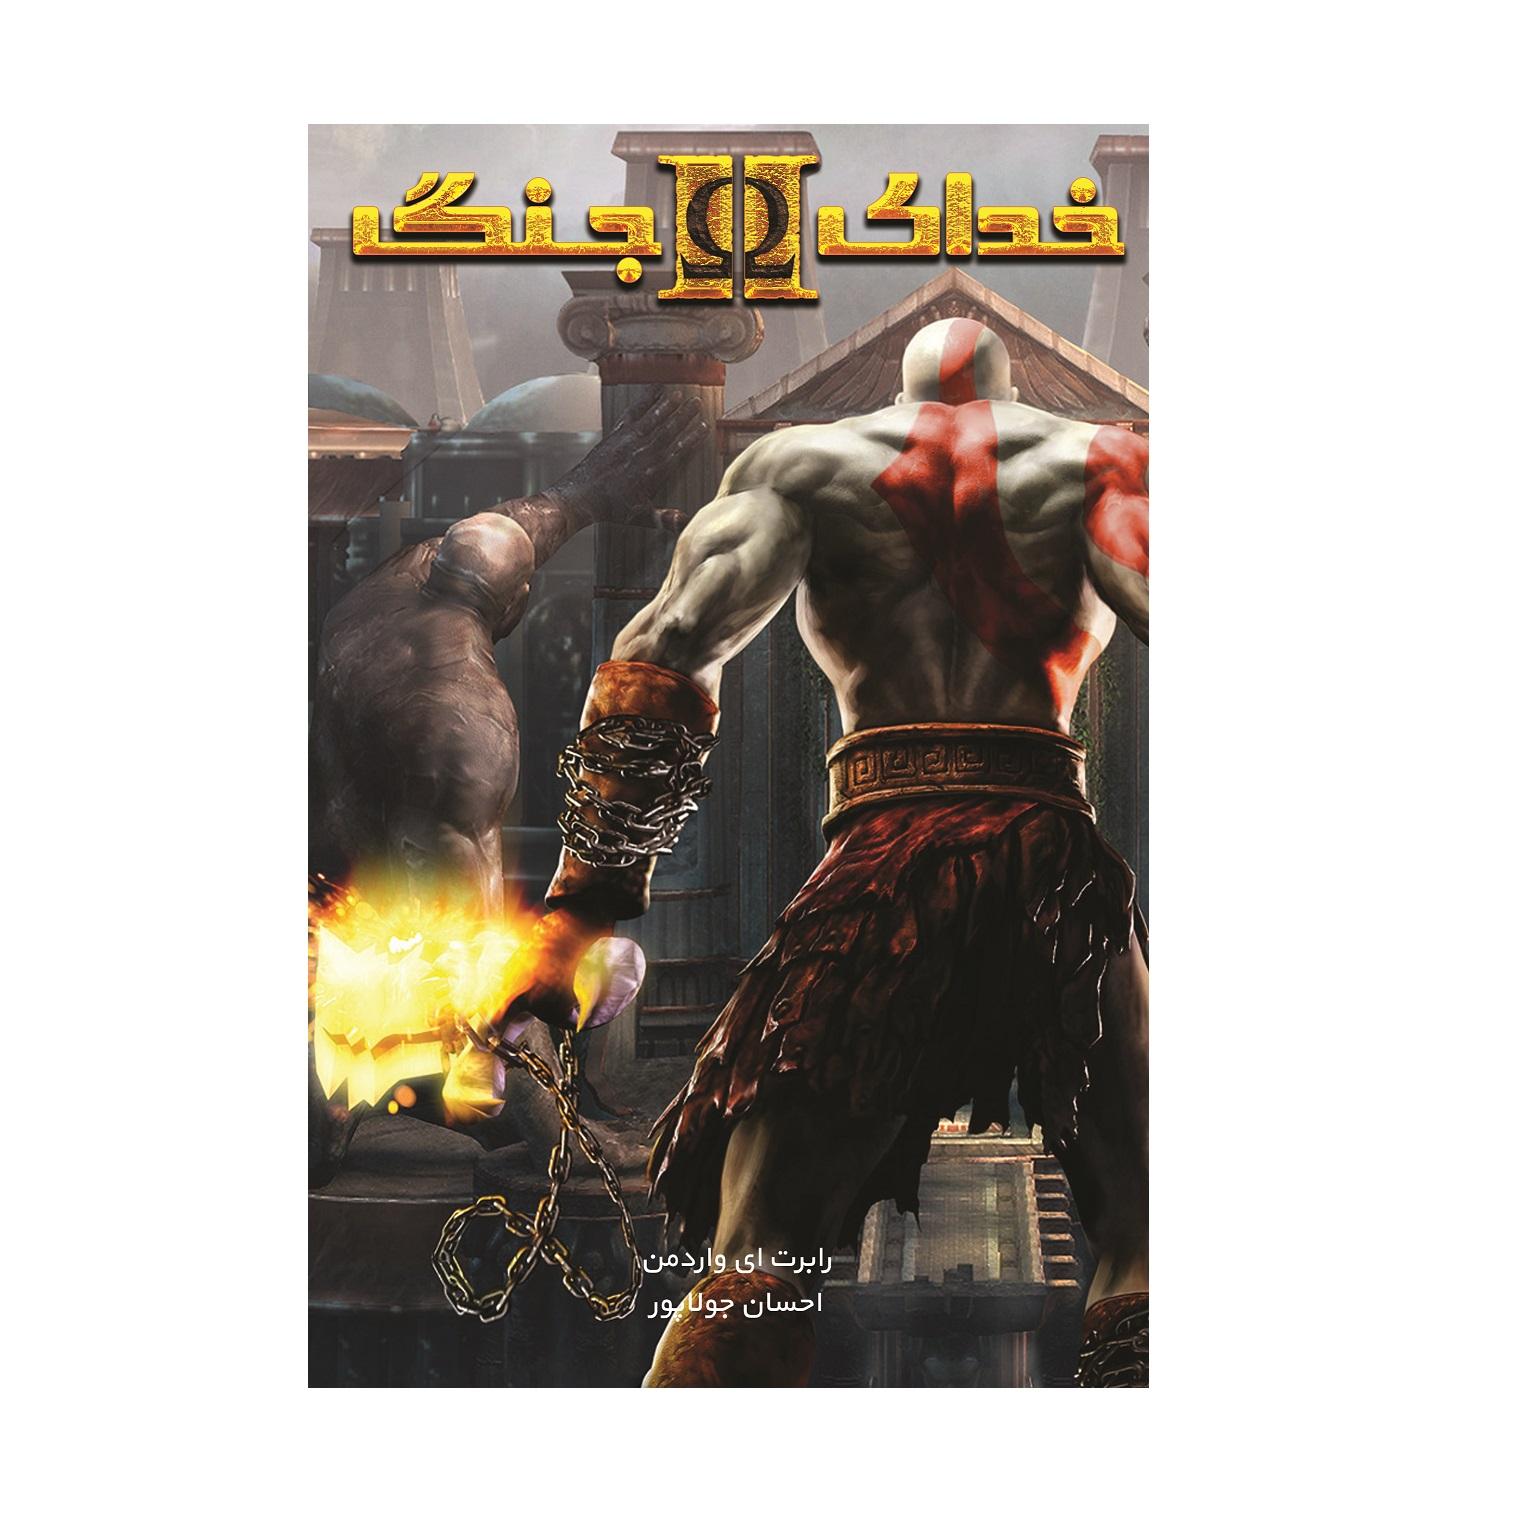 خرید                      کتاب خدای جنگ کتاب دوم اثر رابرت ای واردمن انتشارات آذرباد